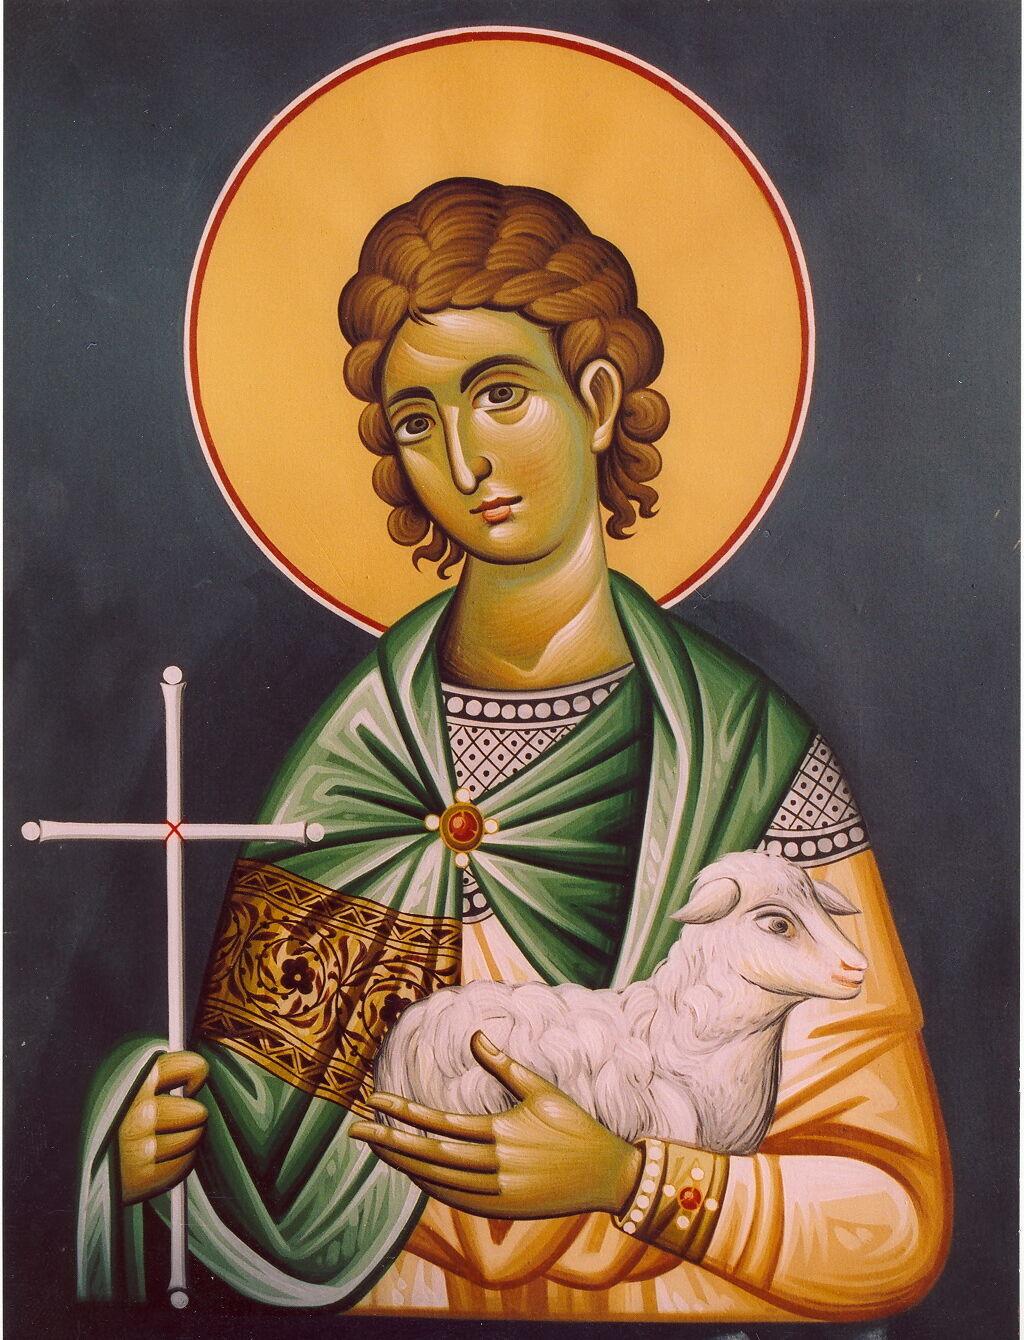 Святий мученик Мамант вшановується церквою 15 вересня.